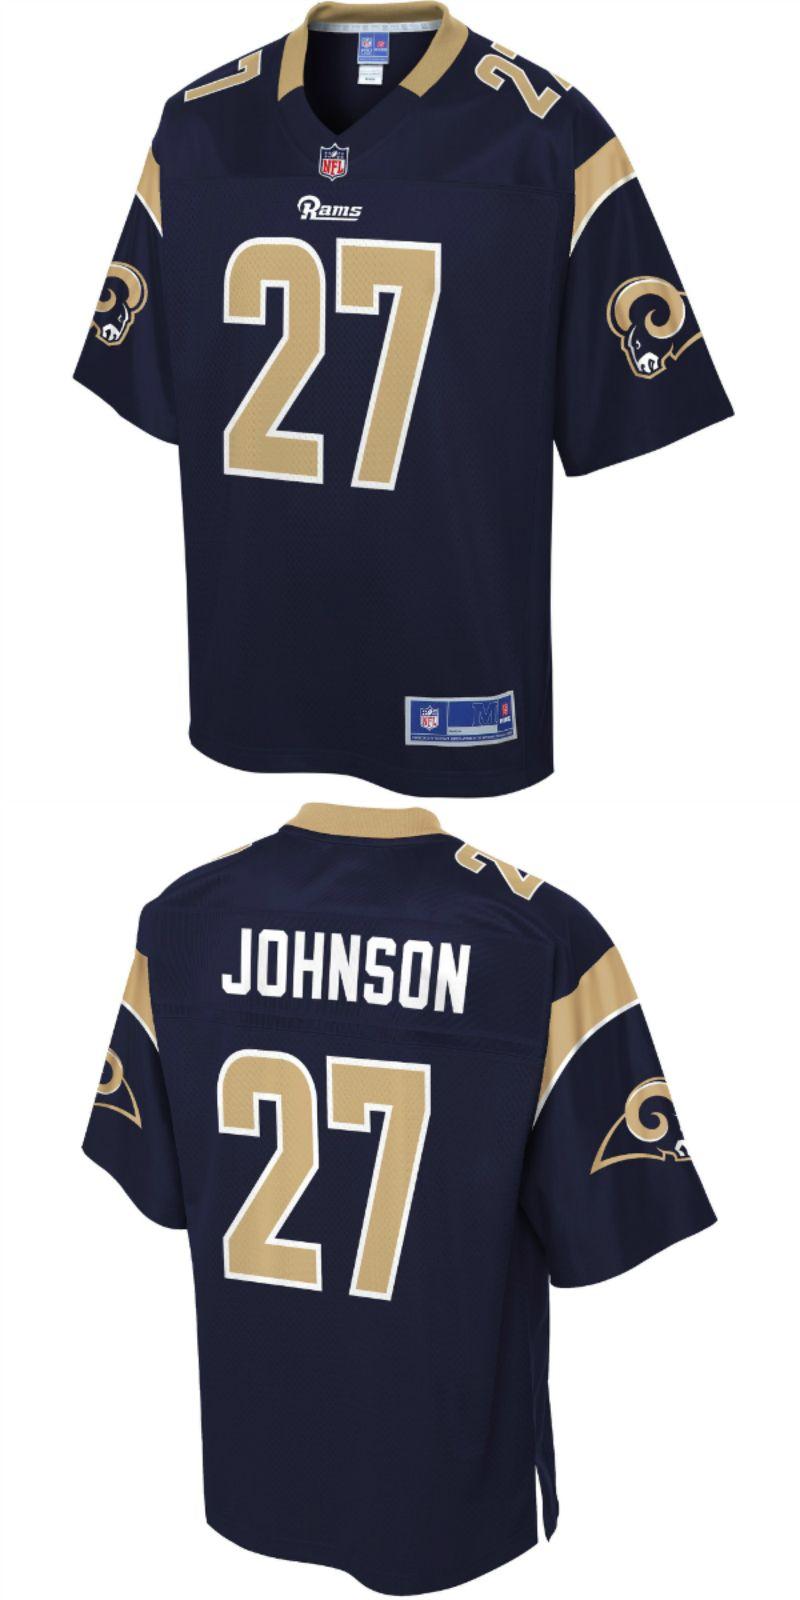 super popular 0d6bd 187d8 Isaiah Johnson Los Angeles Rams NFL Pro Line Team Color ...